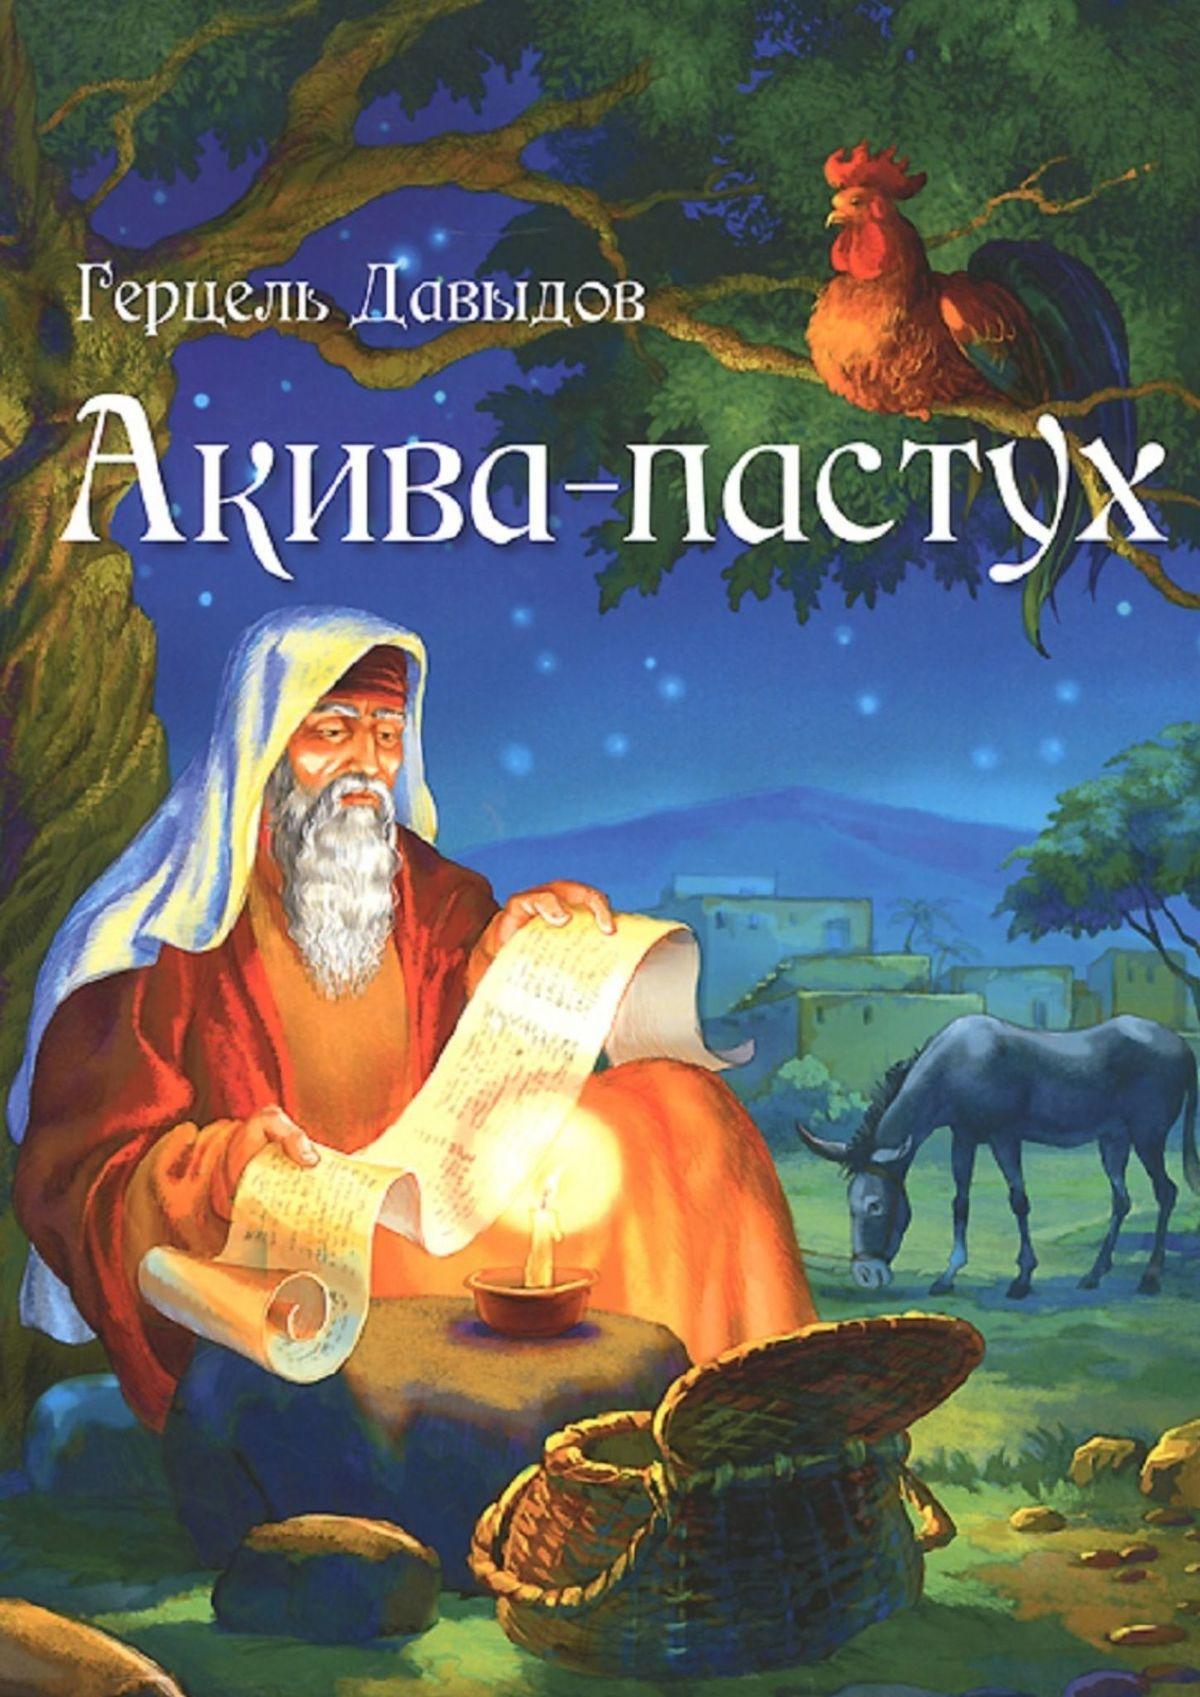 Акива-пастух